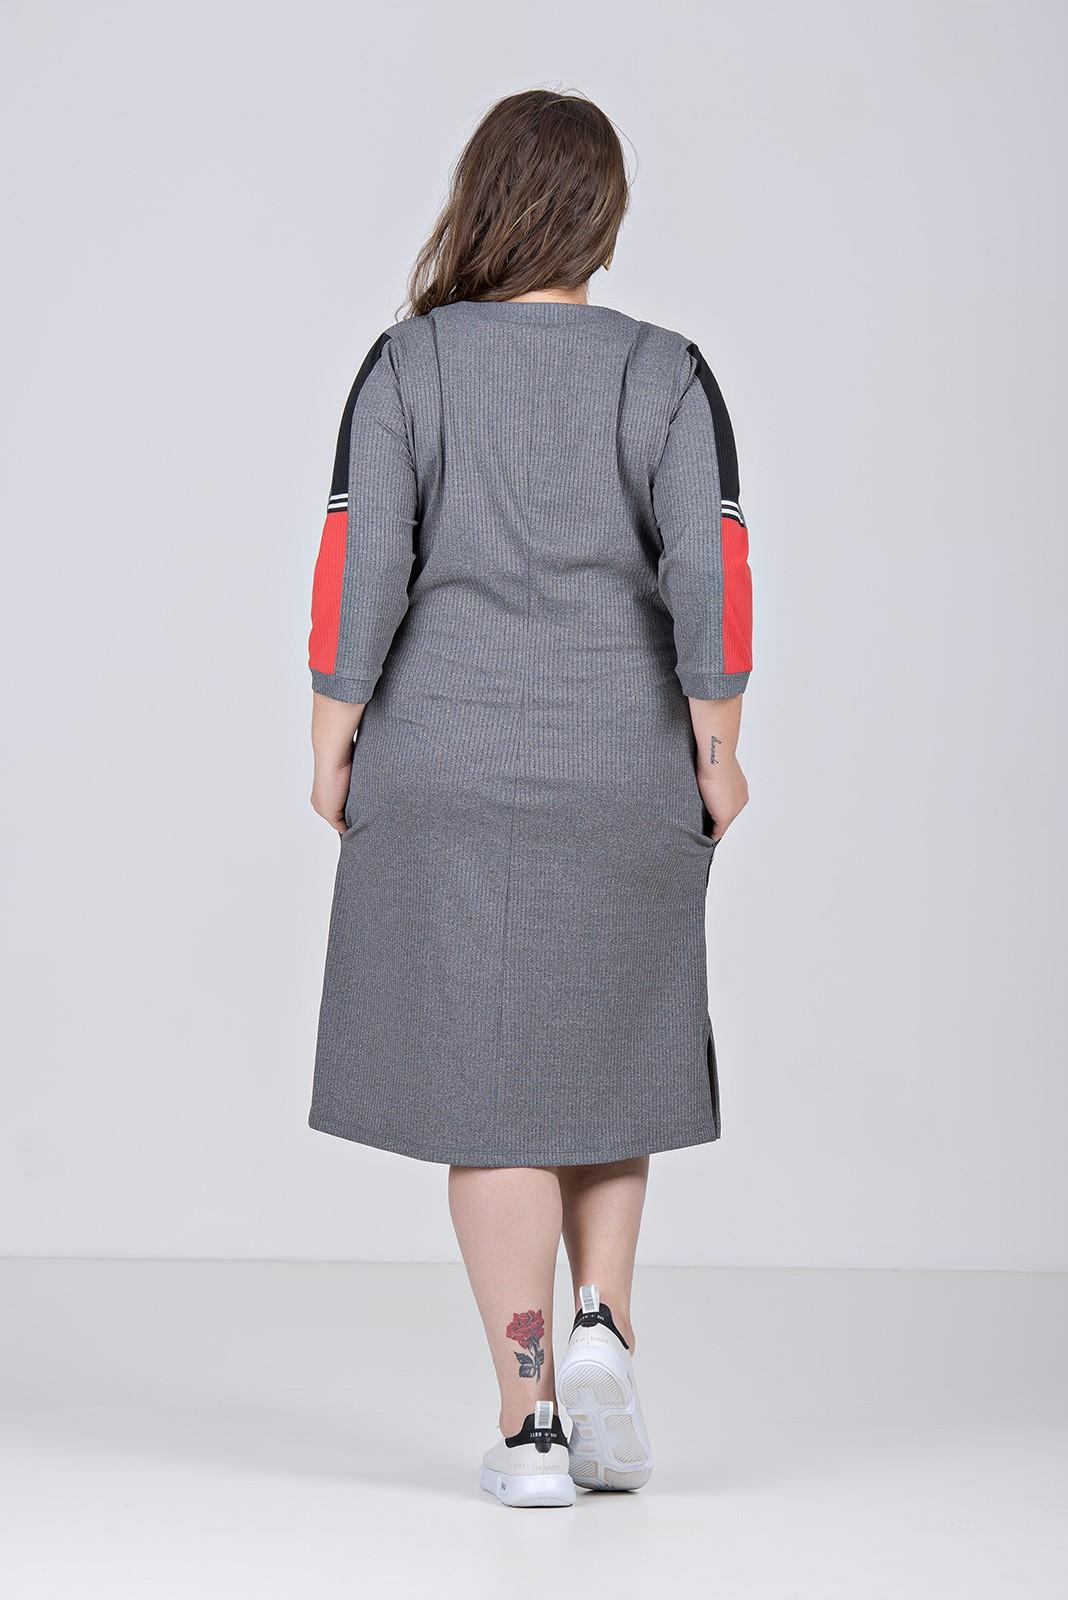 Vestido comfy de malha canelada com elastano e amarração - Plus Size